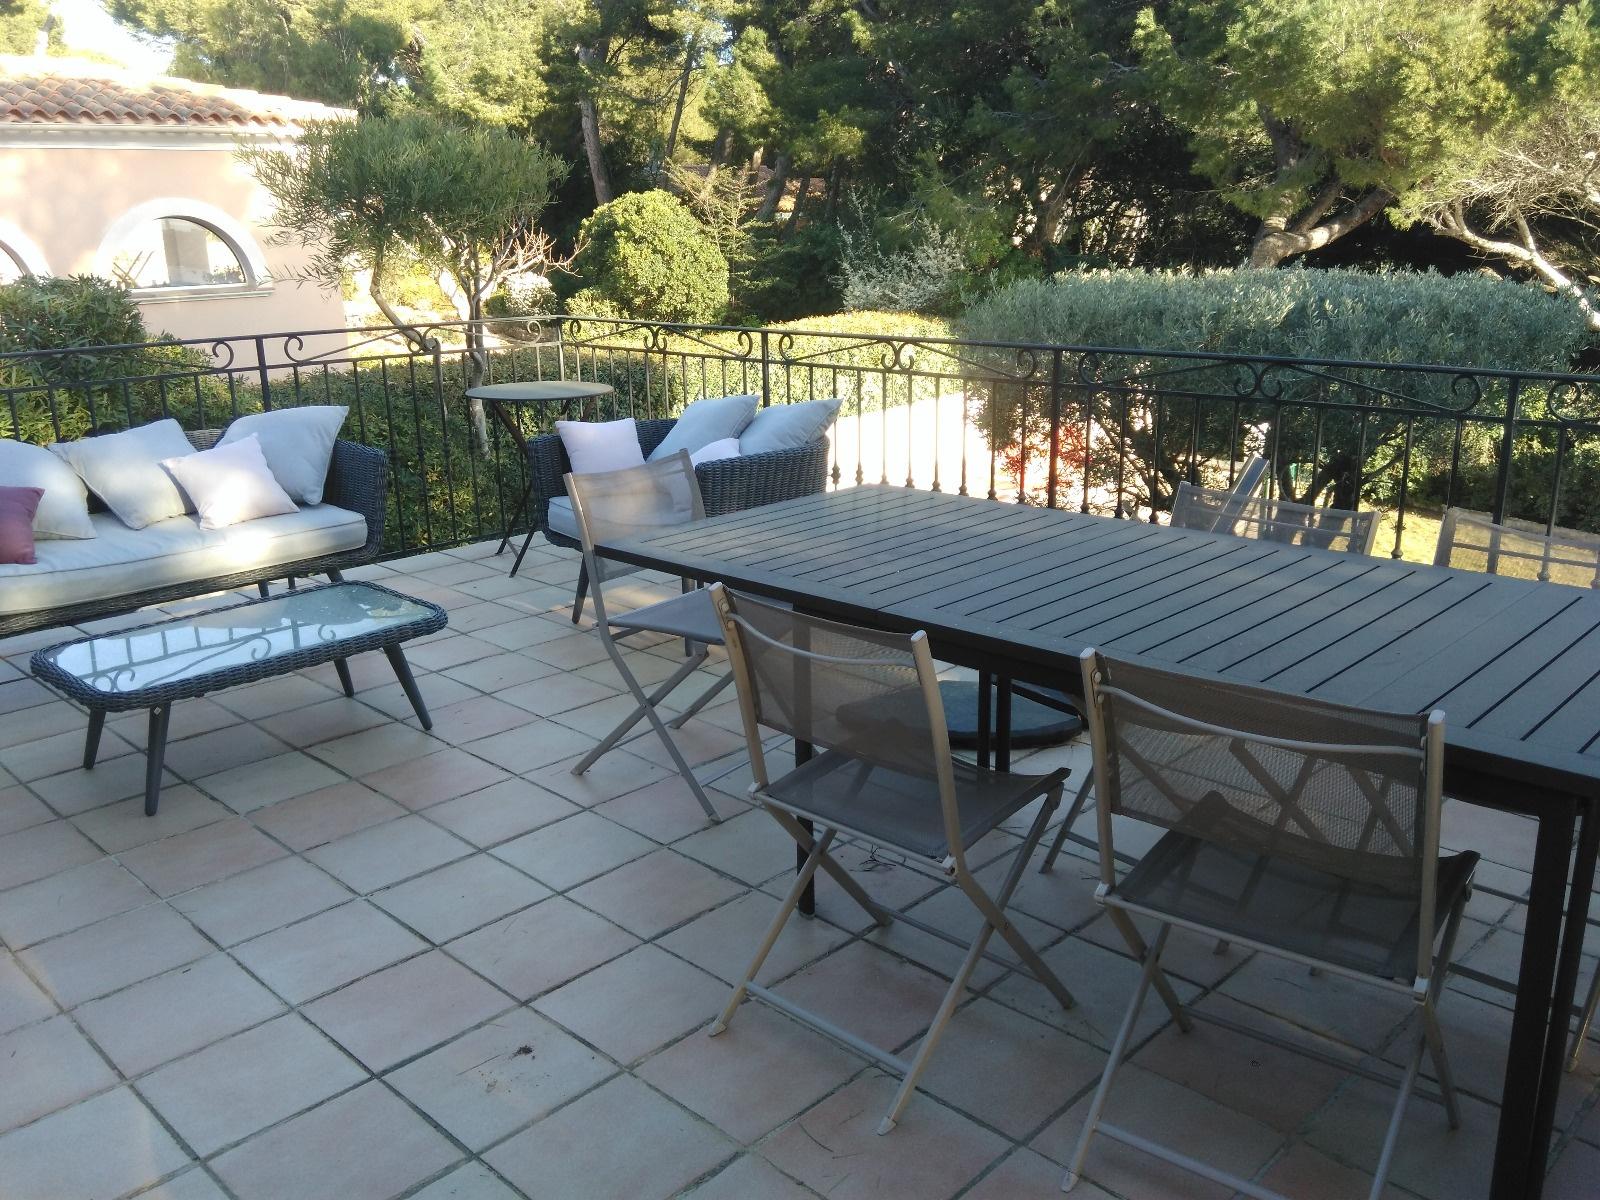 Offres locations vacances location saisonni re villa avec for Camping sanary sur mer avec piscine